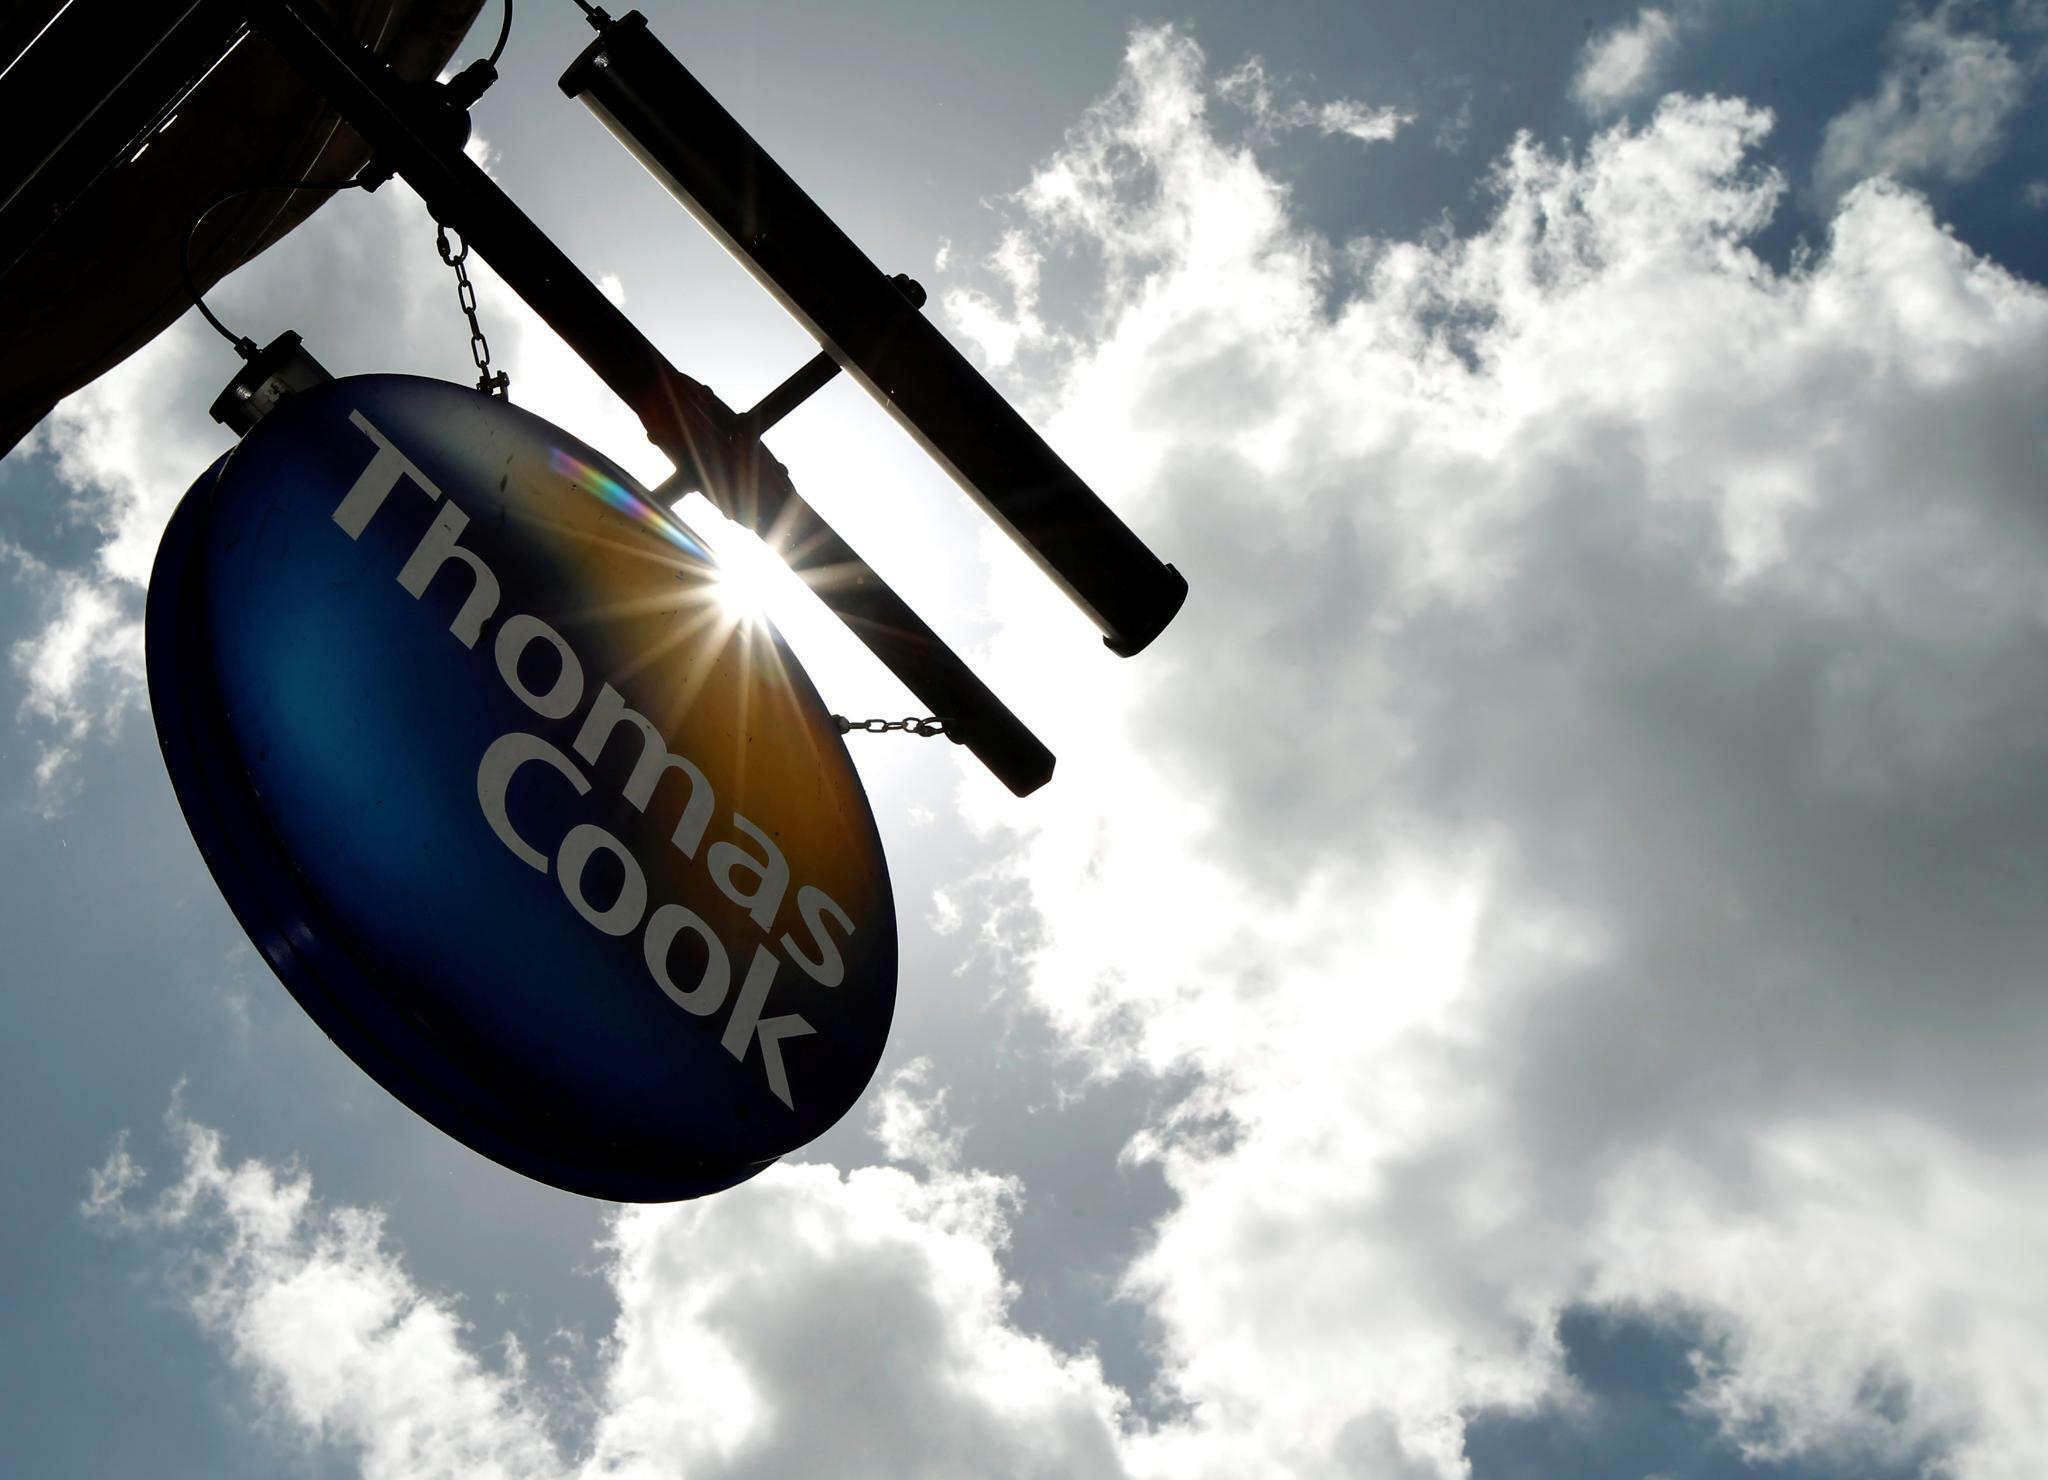 Touristikkonzern: Thomas Cook stellt Geschäft ein – Hunderttausende Urlauber betroffen